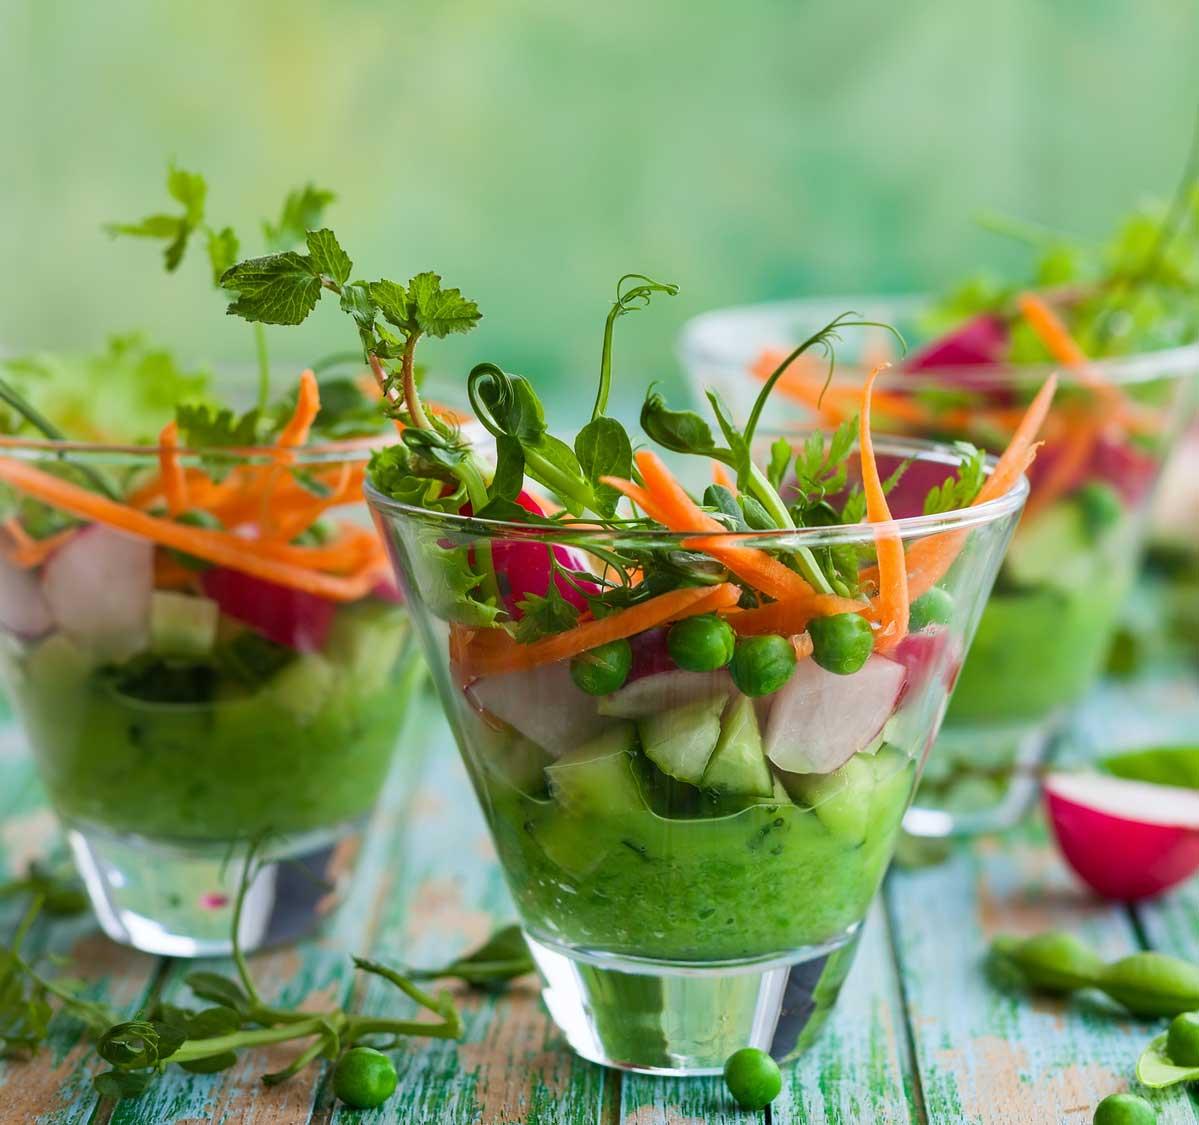 Gesund essen schmeckt gut und sieht gut aus